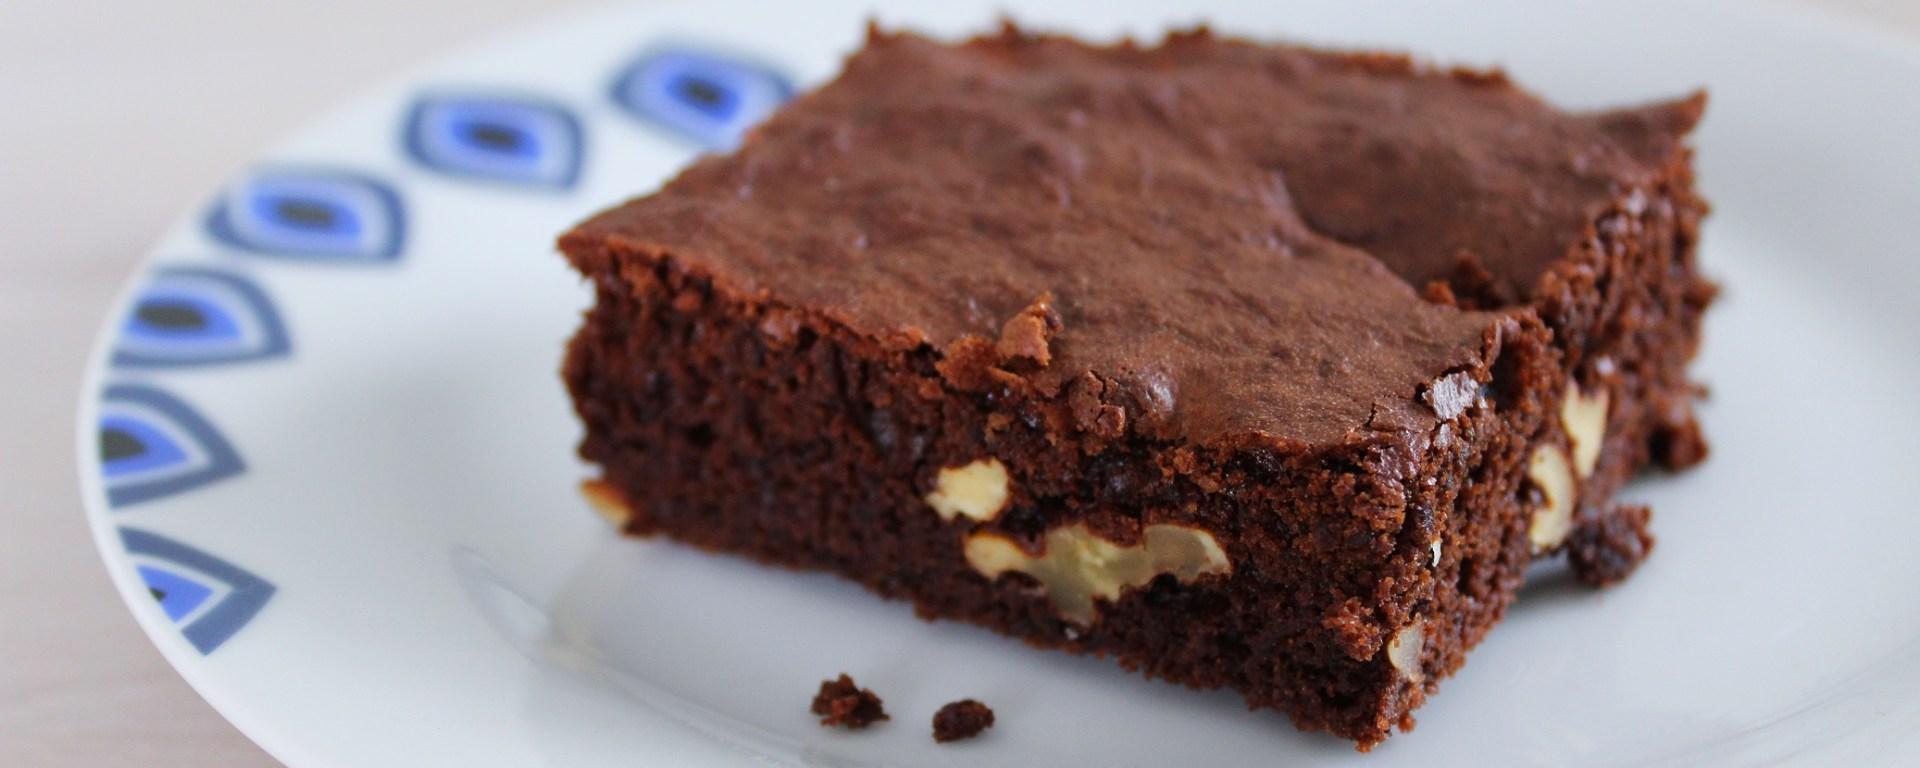 Délicimô ! - Recette Brownie Chocolat Noir et aux Noix - www.delicimo.fr